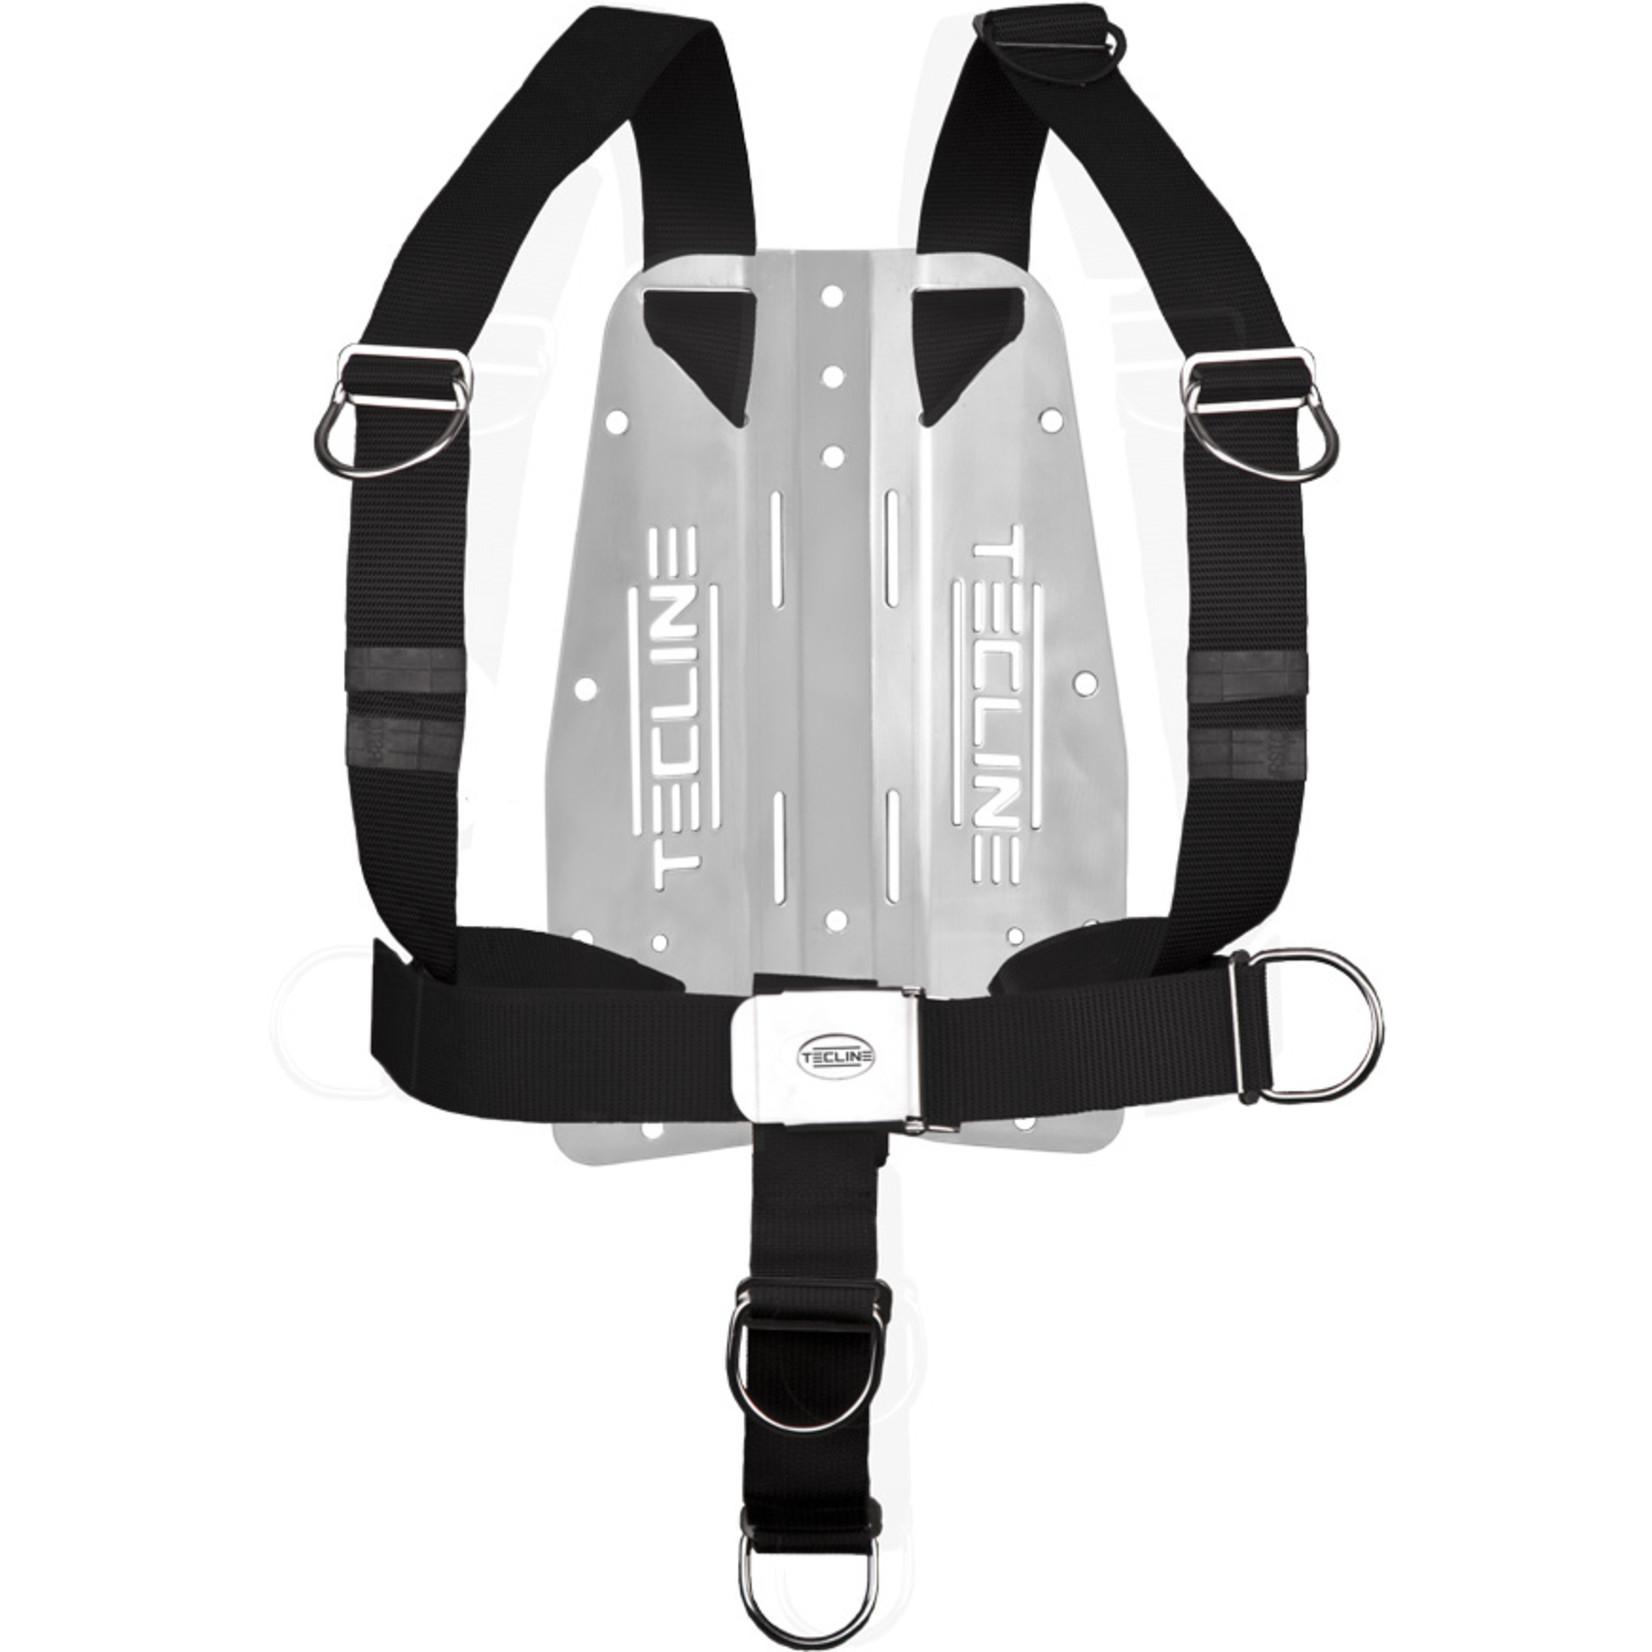 Tecline Harness TecLine DIR standard webbing - incl. 3mm aluminum backplate (weight 1345g)